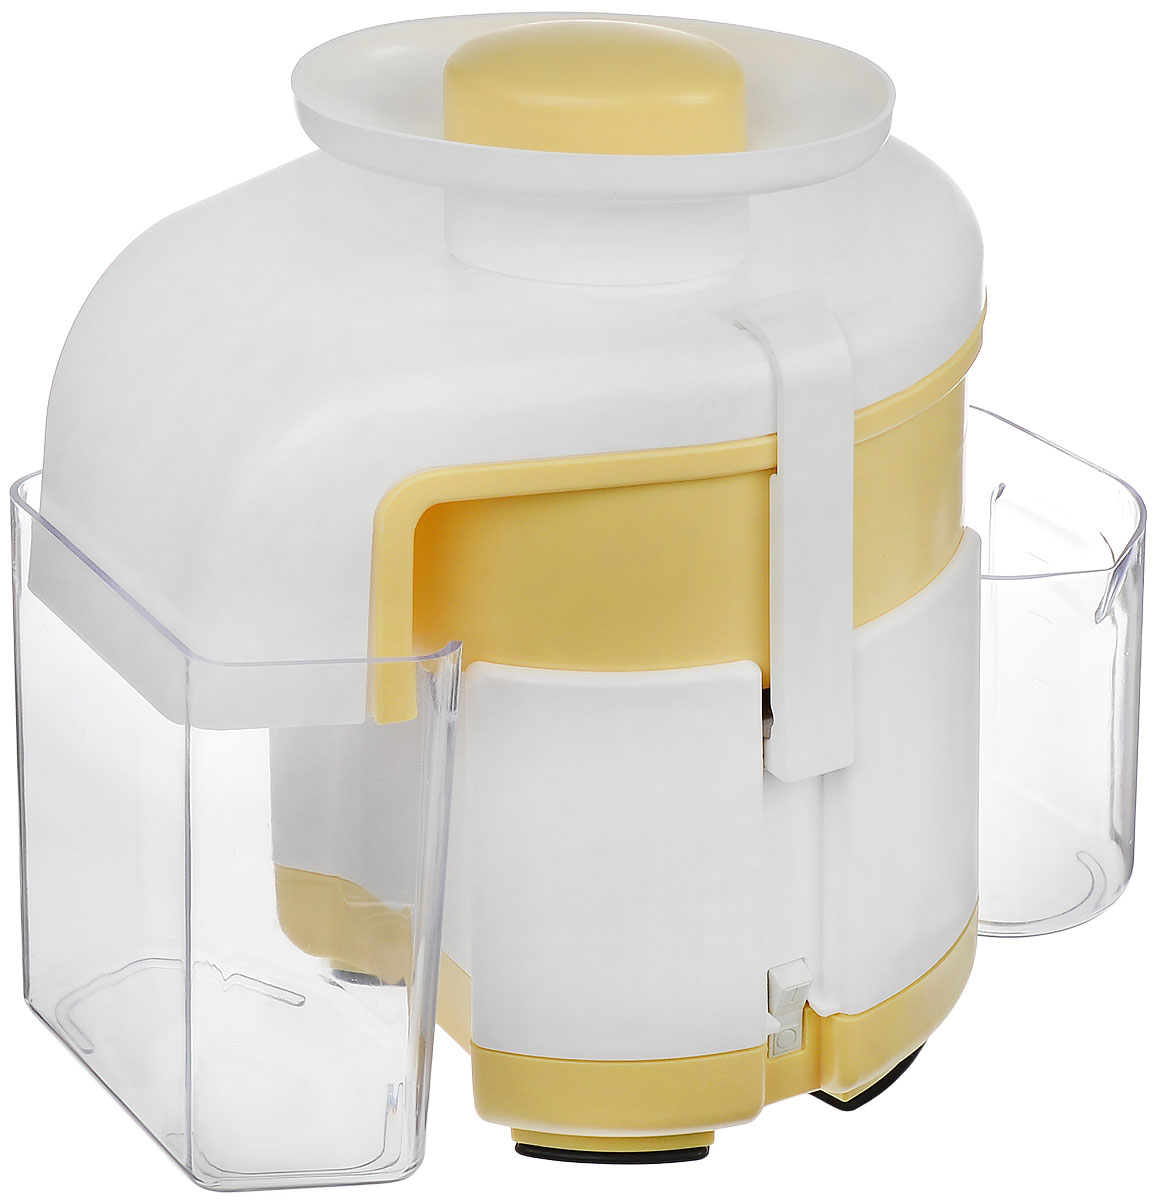 Журавинка СВСП 102 П, White Yellow соковыжималкаСК СВСП 102ПЖуравинка СВСП 102 П - персональная соковыжималка с ручным сбросом жмыха, который позволяет выжать весь сок до последней капли. Неограниченное время работы дает возможность отжимать любое количество сока за один раз. Простая сборка и уход. В данной ценовой категории модель находится вне конкуренции. Достаточно высокая производительность позволяет применять соковыжималку при сезонной заготовке сока, а сравнительно небольшие габариты и масса делают ее удобной и при ежедневном использовании.Производительность: 550 г/мин